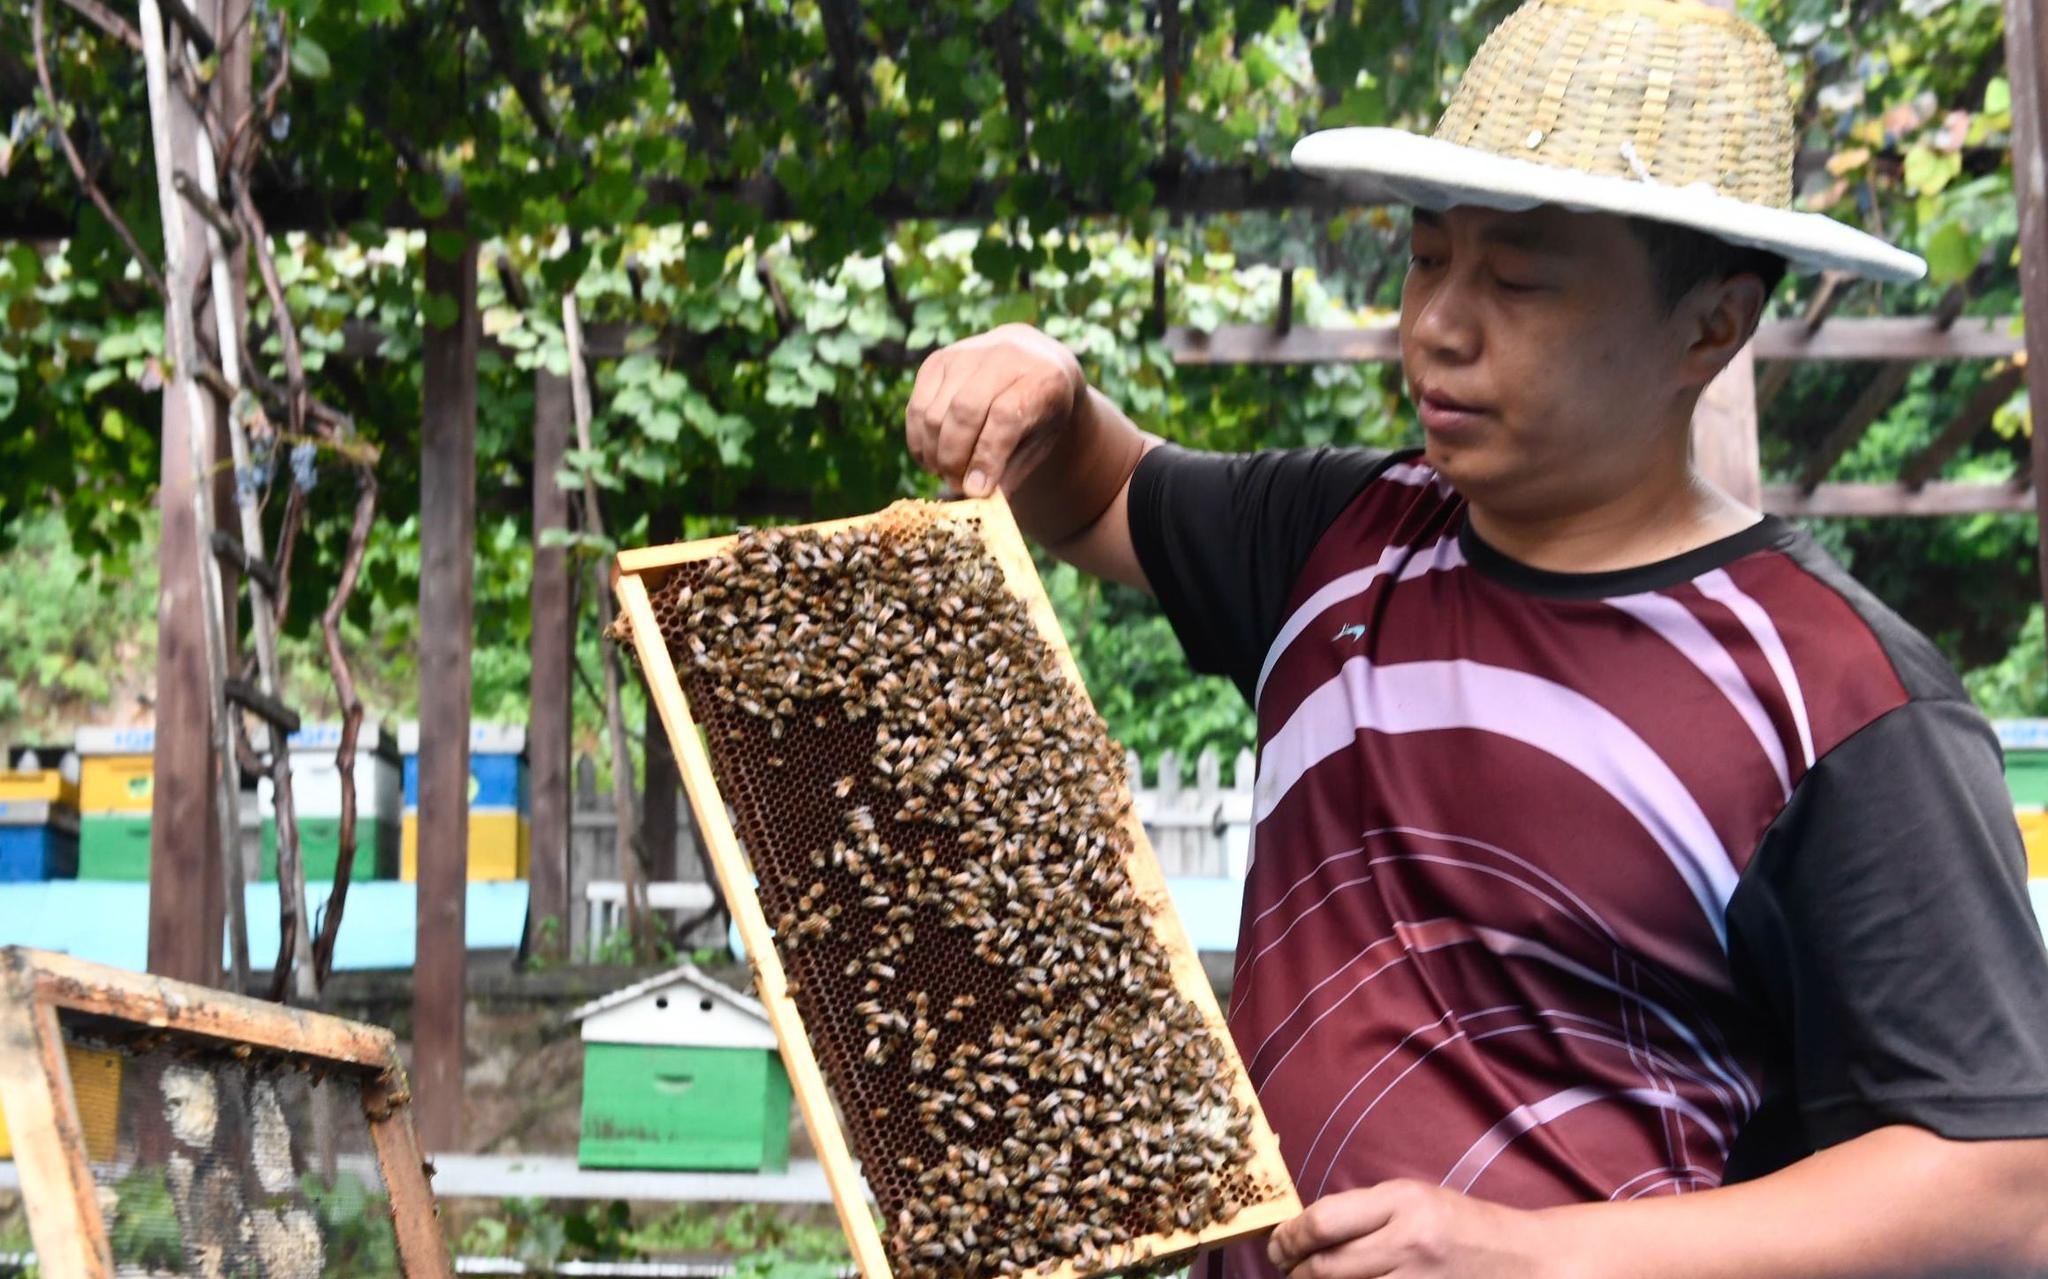 密雲蜂農打開蜂箱,展示蜜蜂品種。新京報記者 吳寧 攝